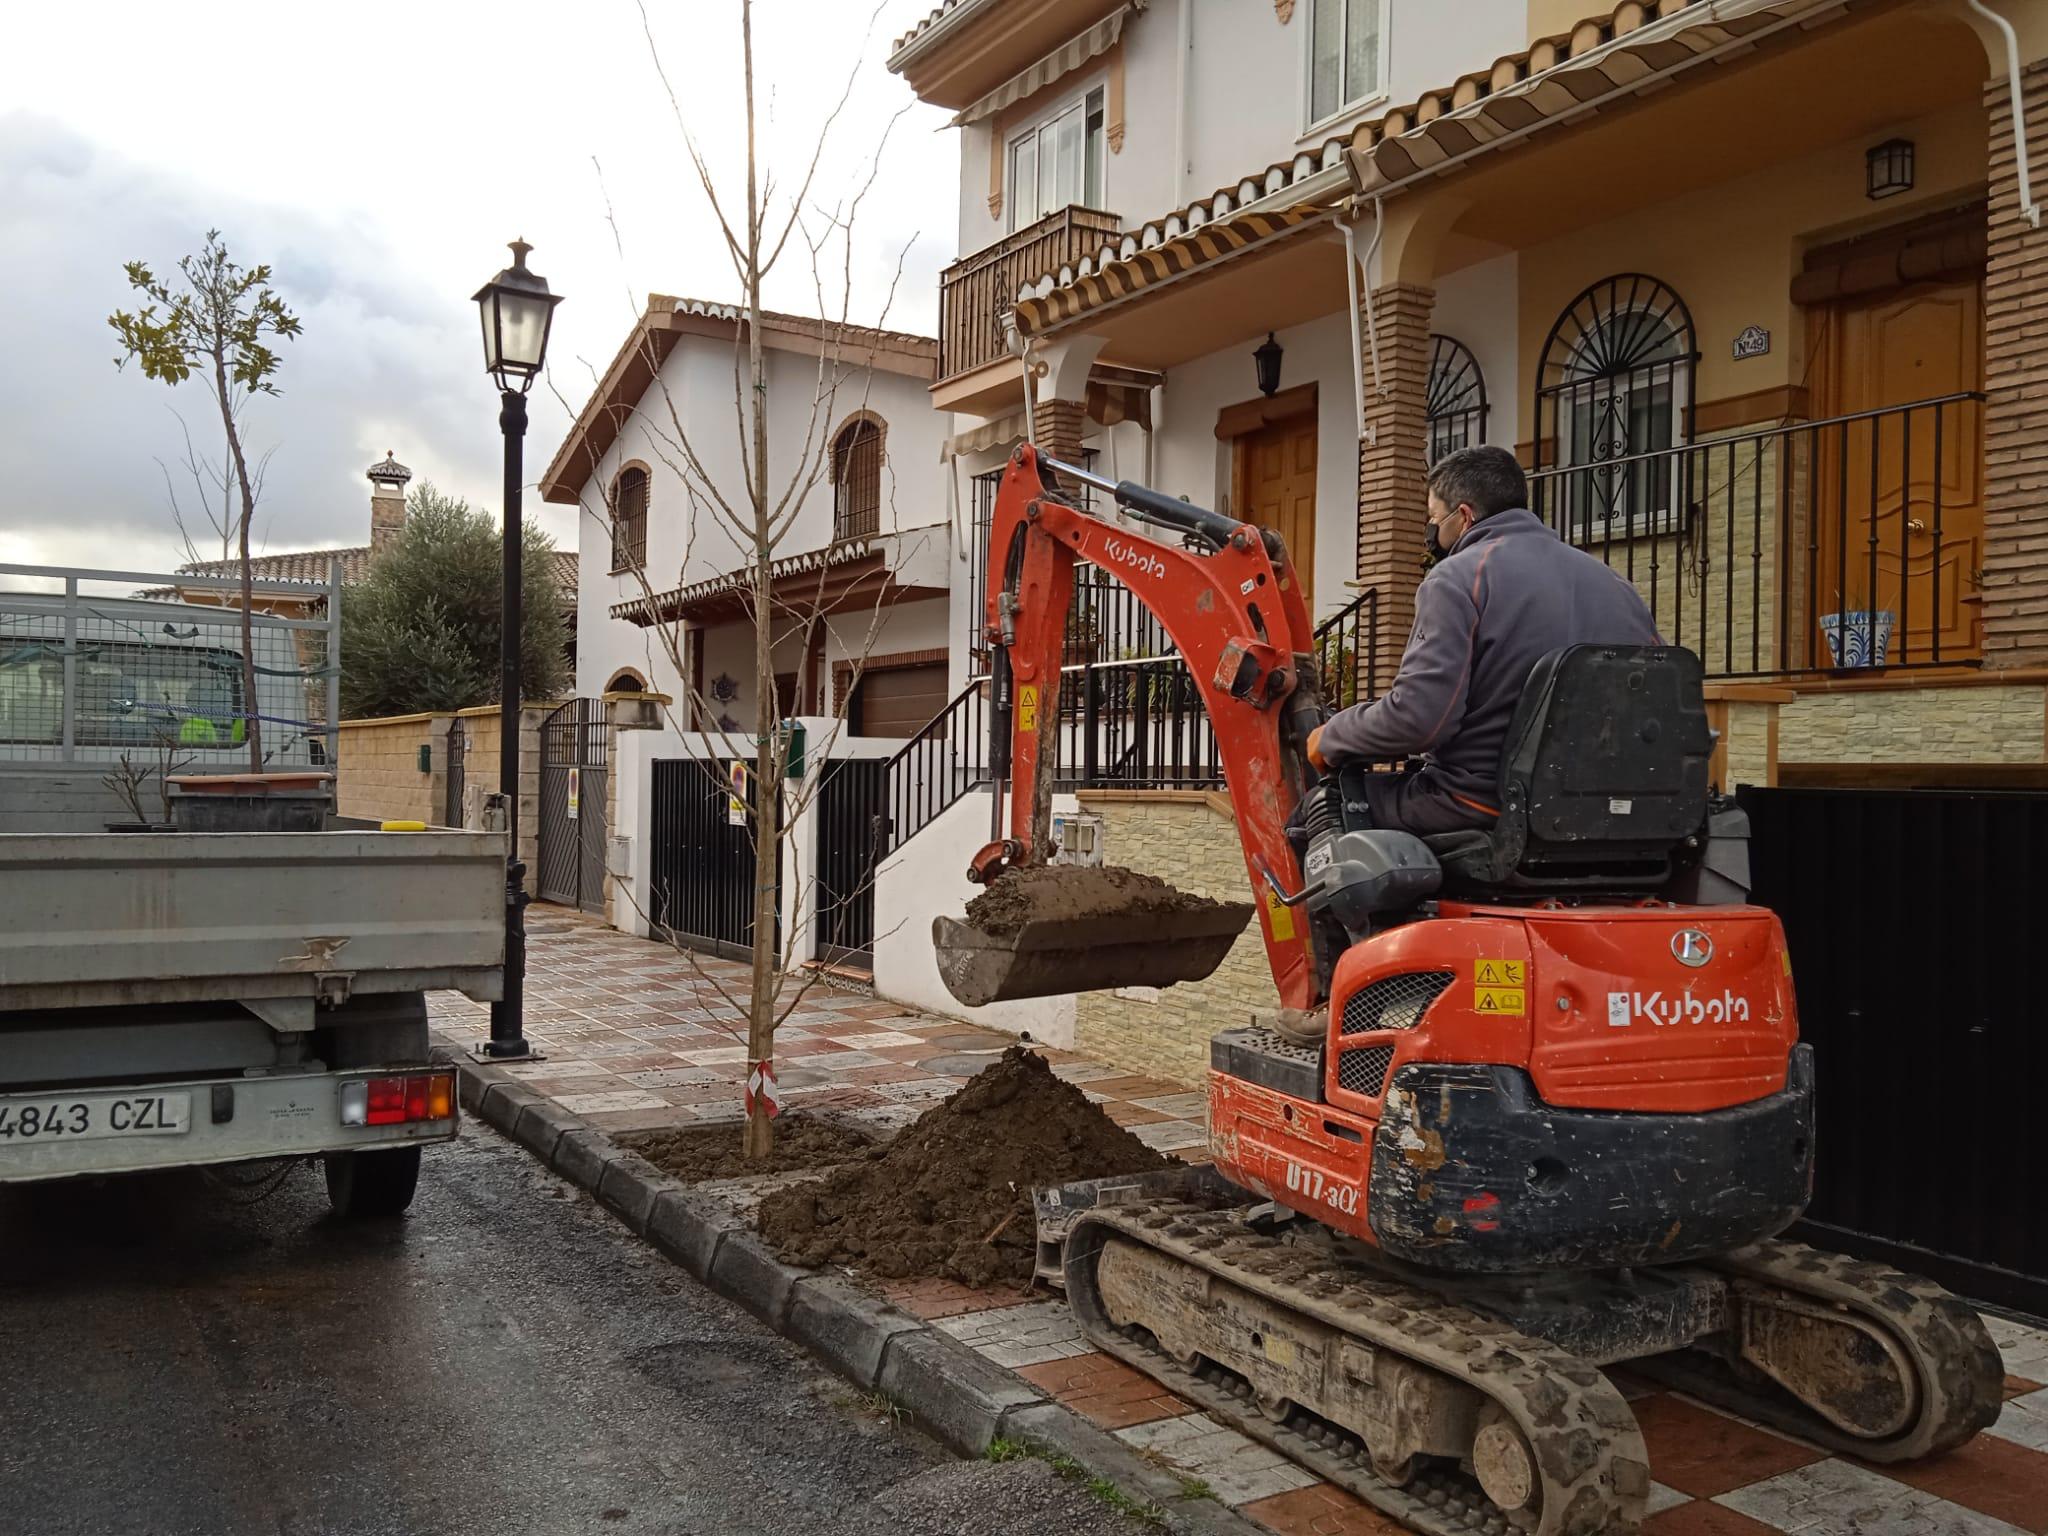 El Ayuntamiento de Cúllar Vega planta más de 60 árboles en distintos puntos del municipio